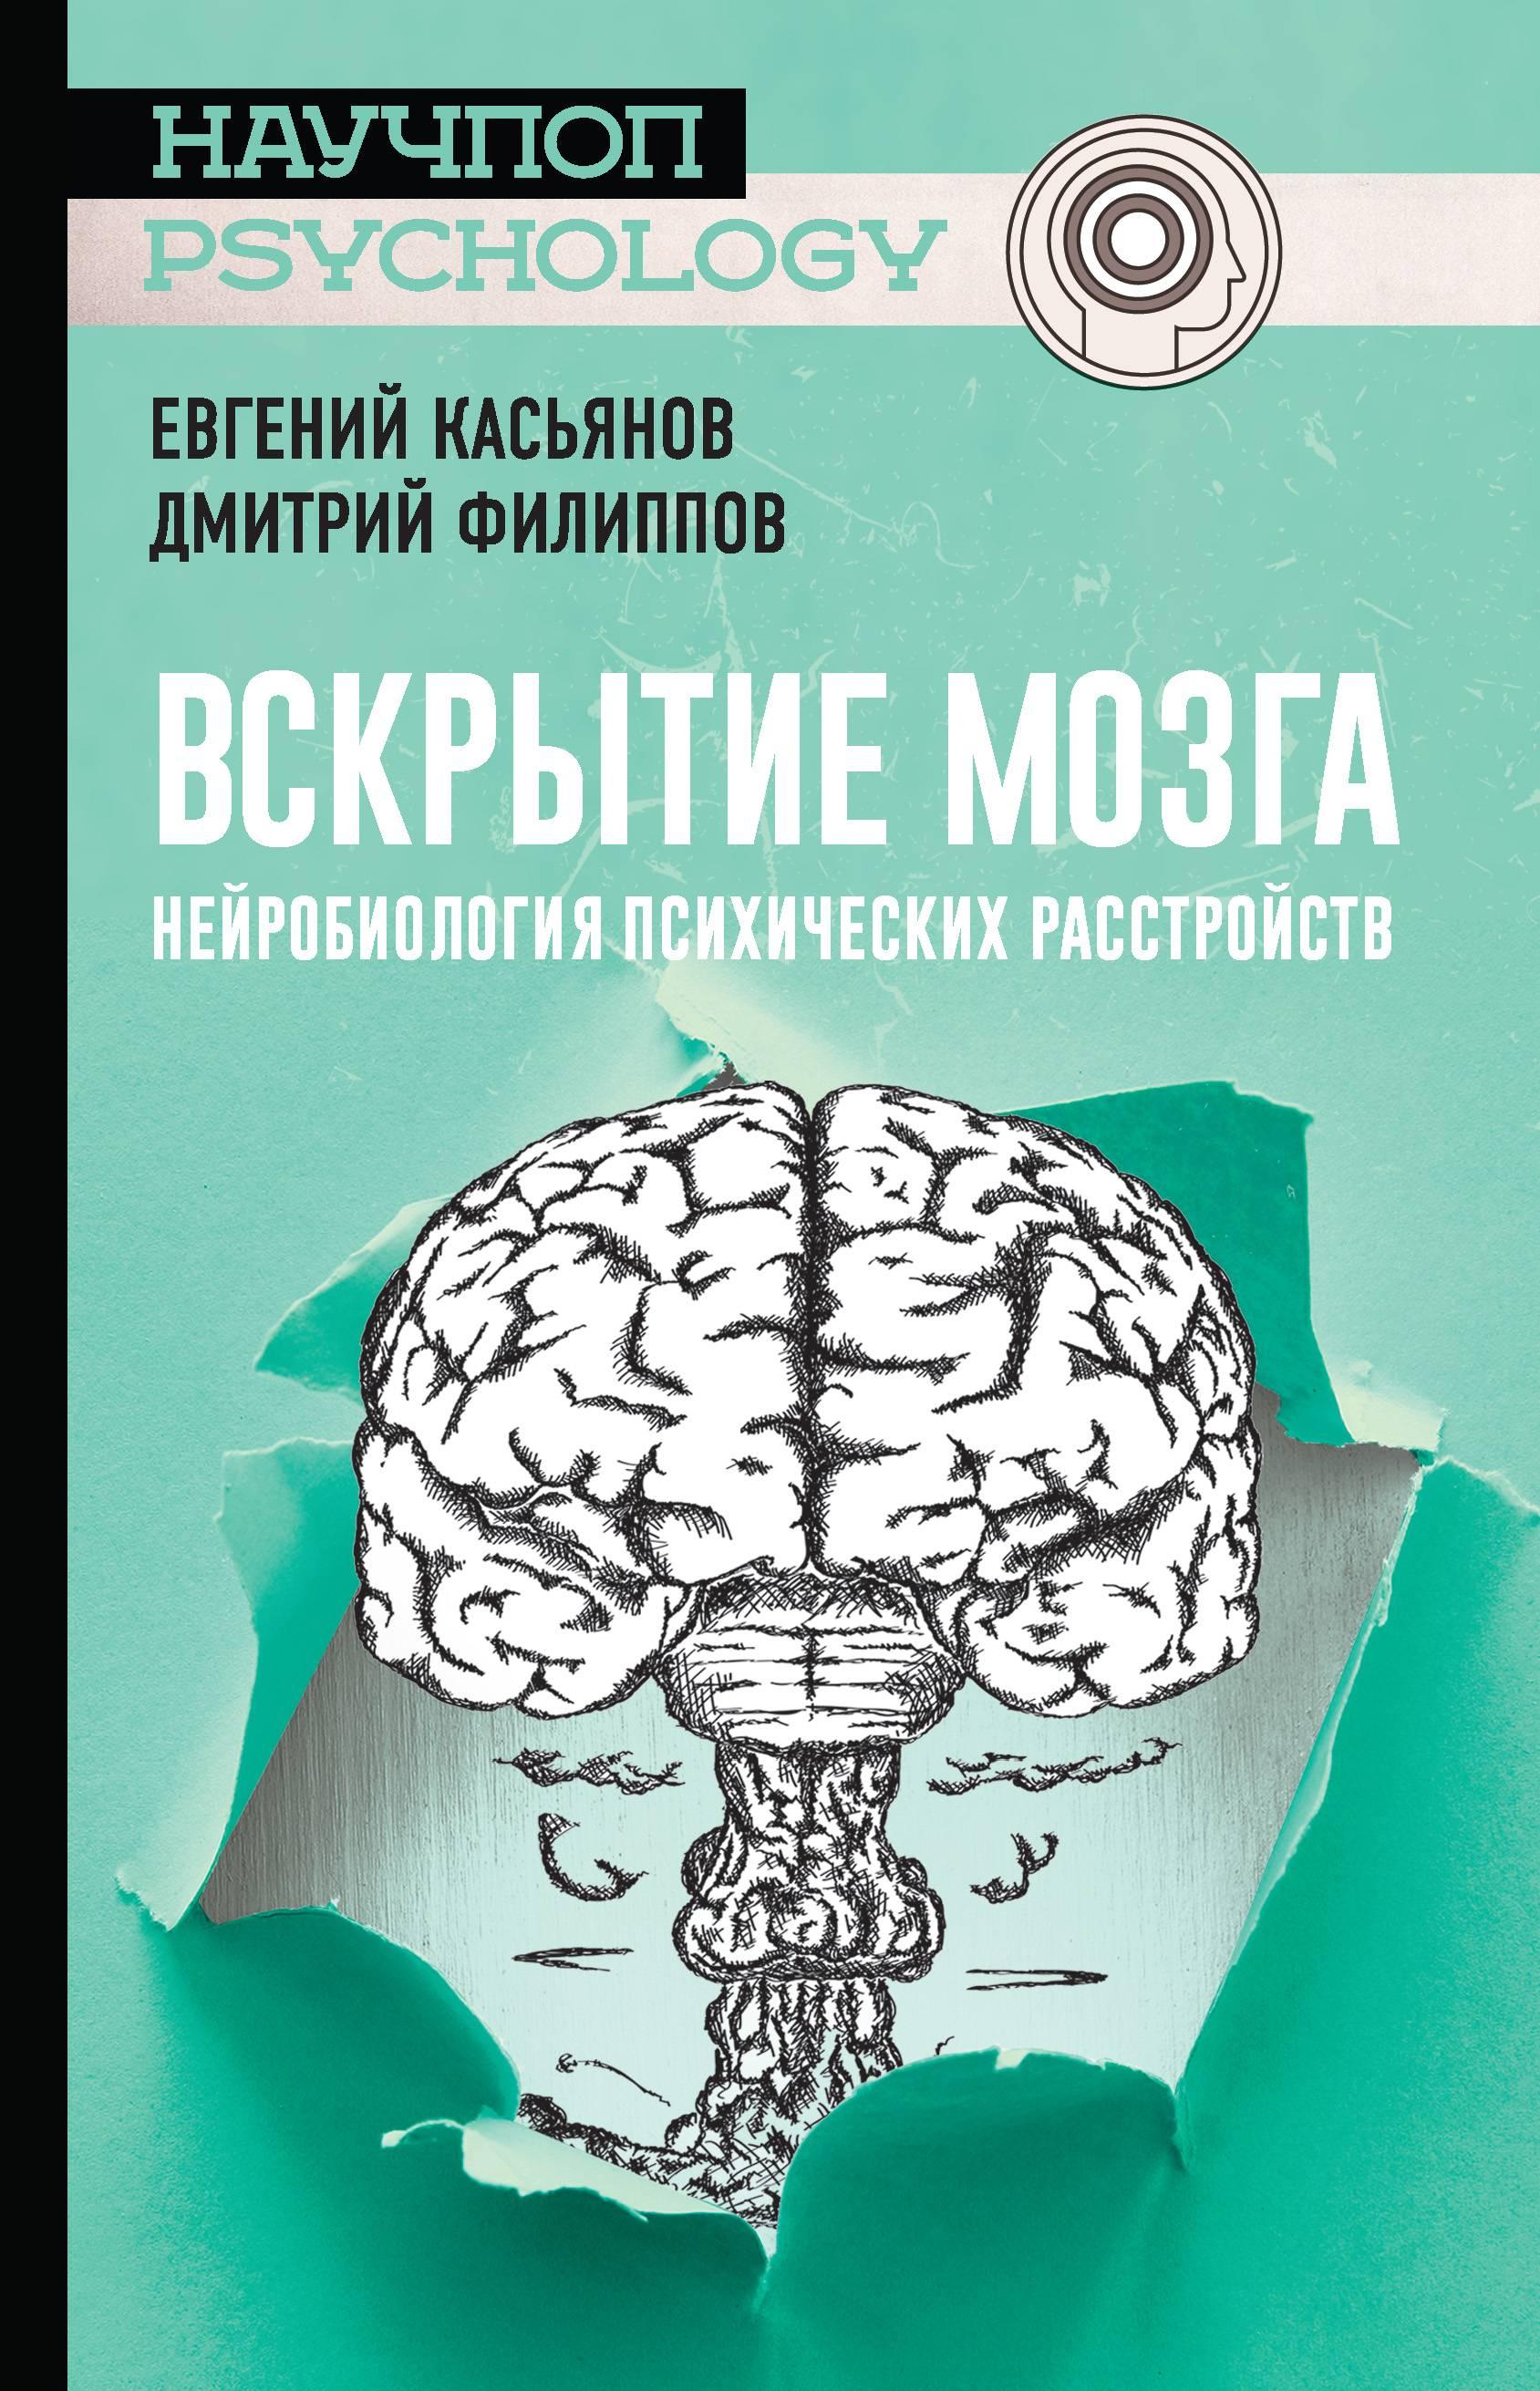 Основные симптомы и синдромы психических расстройств.